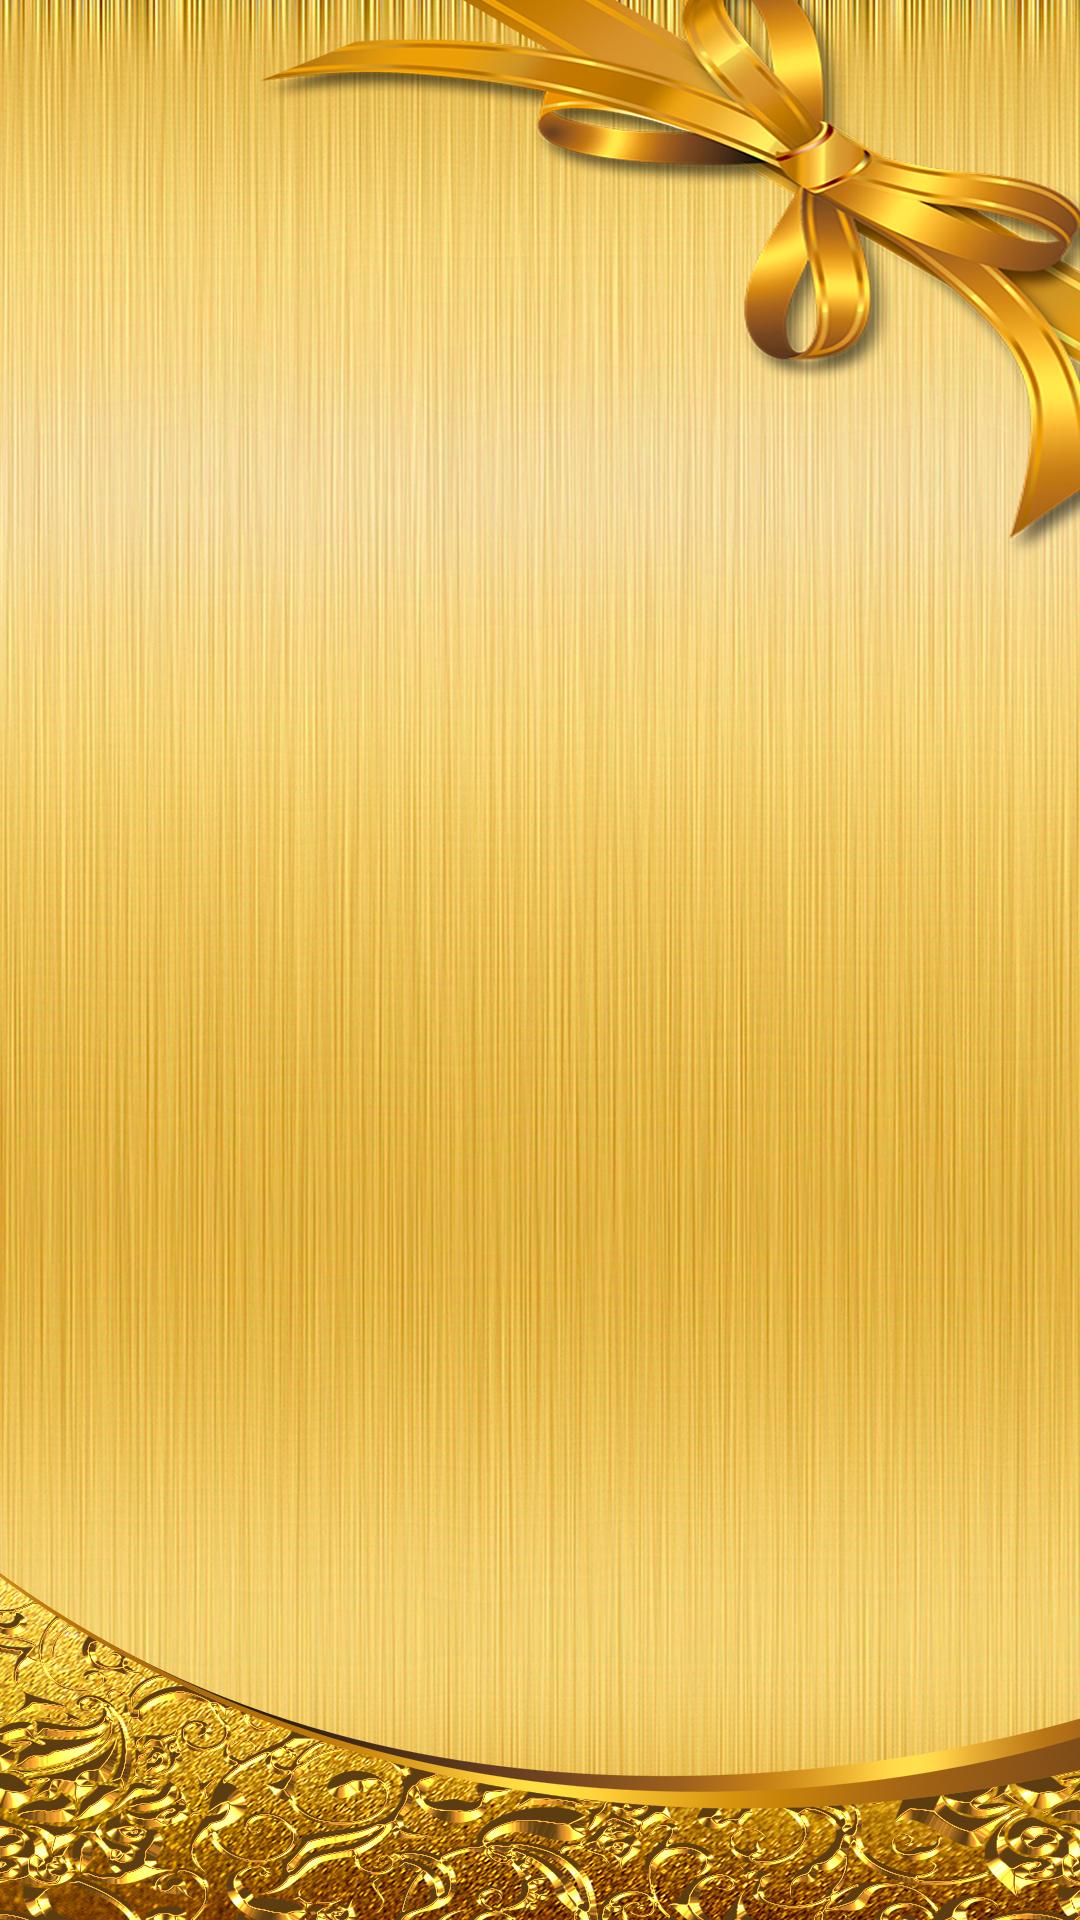 Фон золотой для открытки